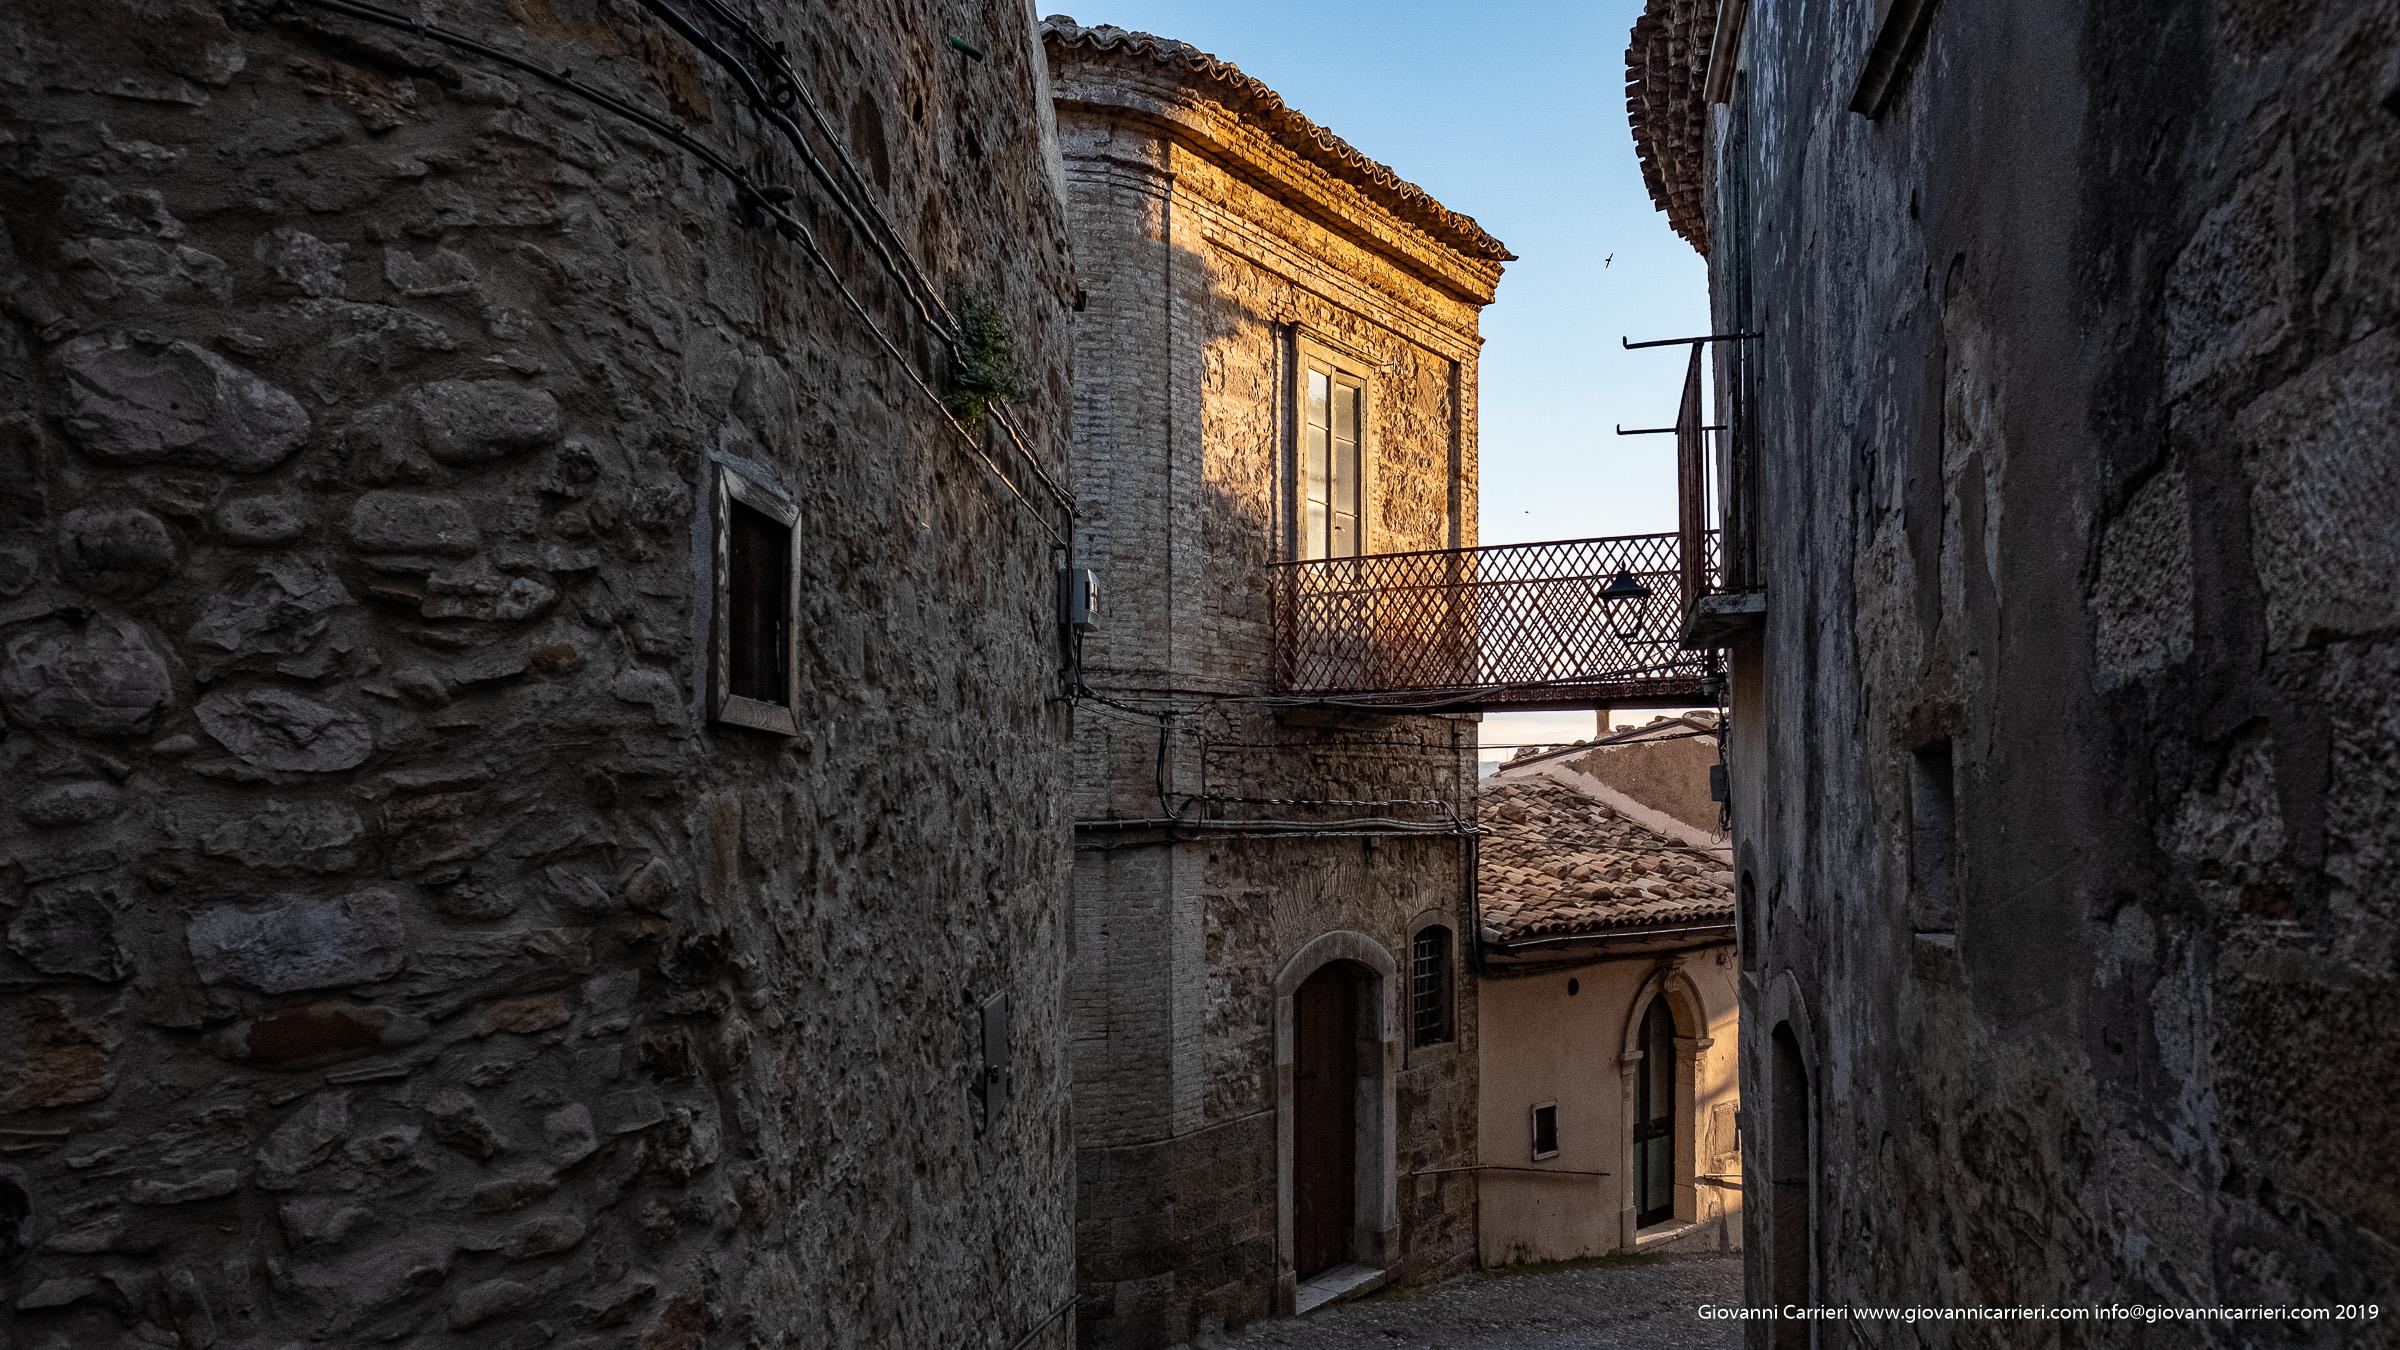 Scorcio del centro storico di Sant'Agata di Puglia